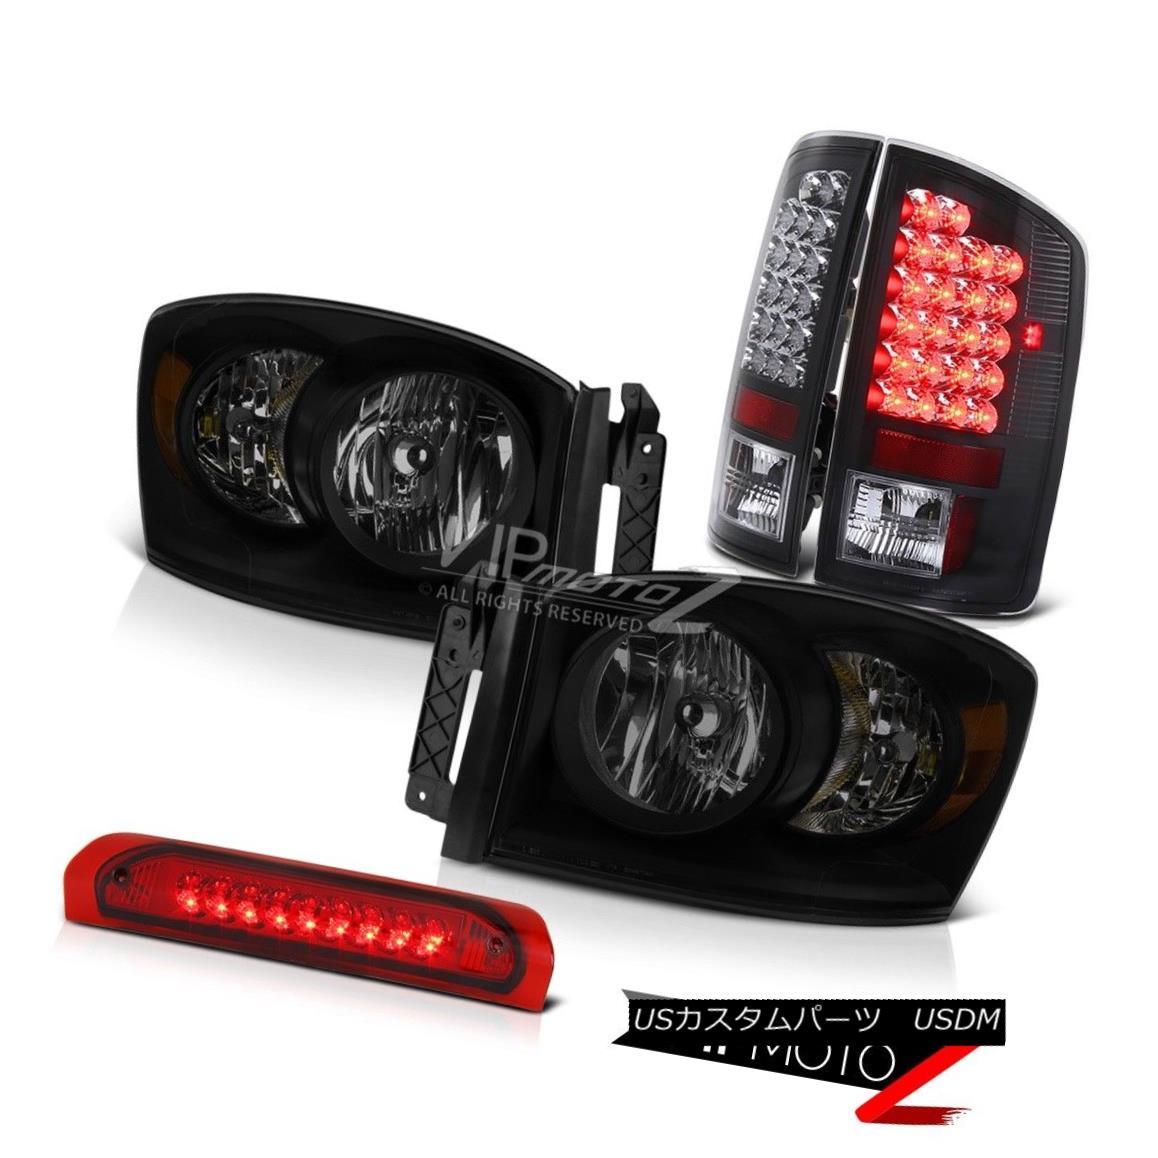 ヘッドライト 2006 Ram 5.7L Darkest Smoke Headlights High Stop Lamp Black Tail Lamps LED SMD 2006ラム5.7L暗い煙ヘッドライトハイストップランプ黒テールランプLED SMD